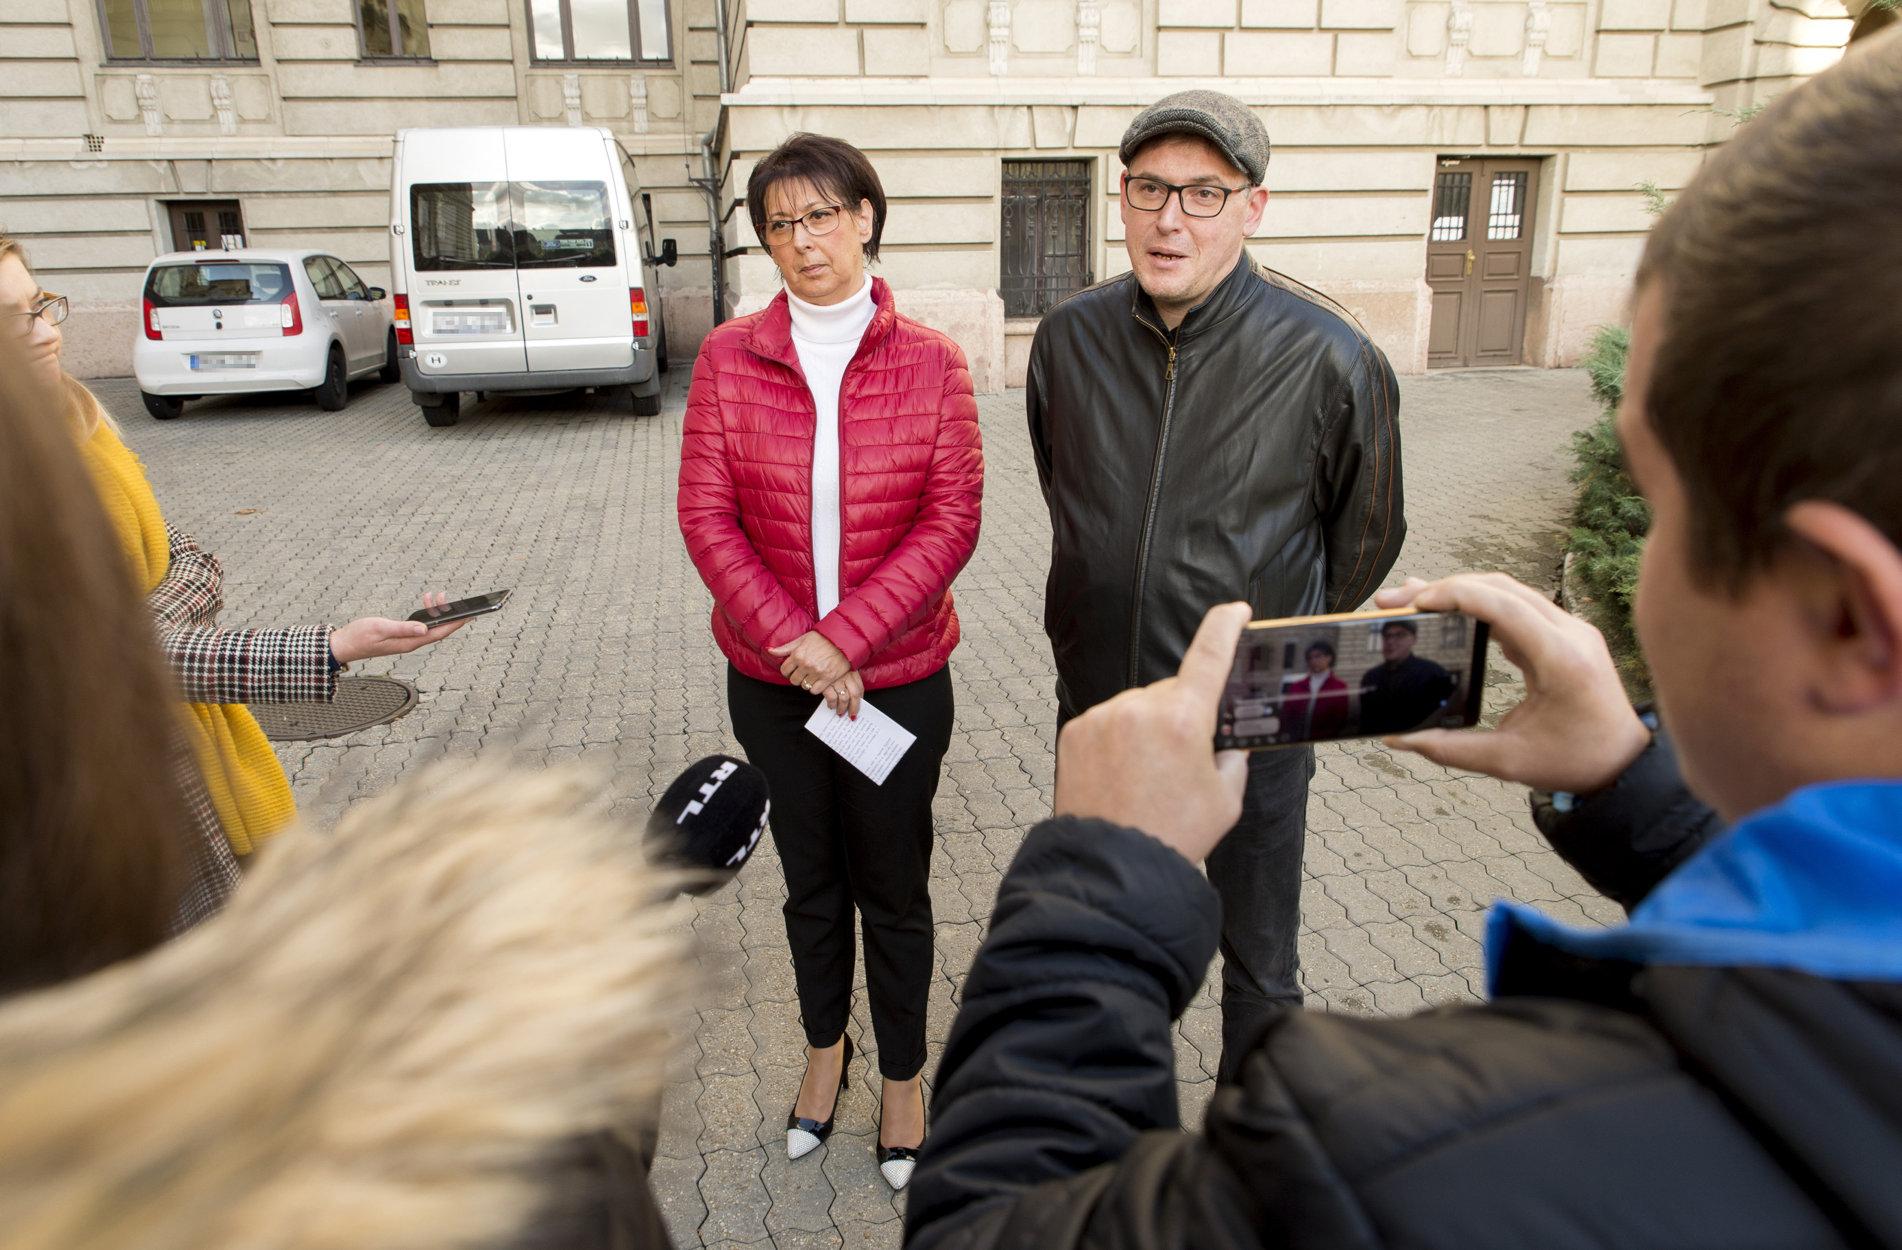 A DK-közeli blog szerint a győri MSZP-elnök lesz a közös ellenzéki polgármesterjelölt